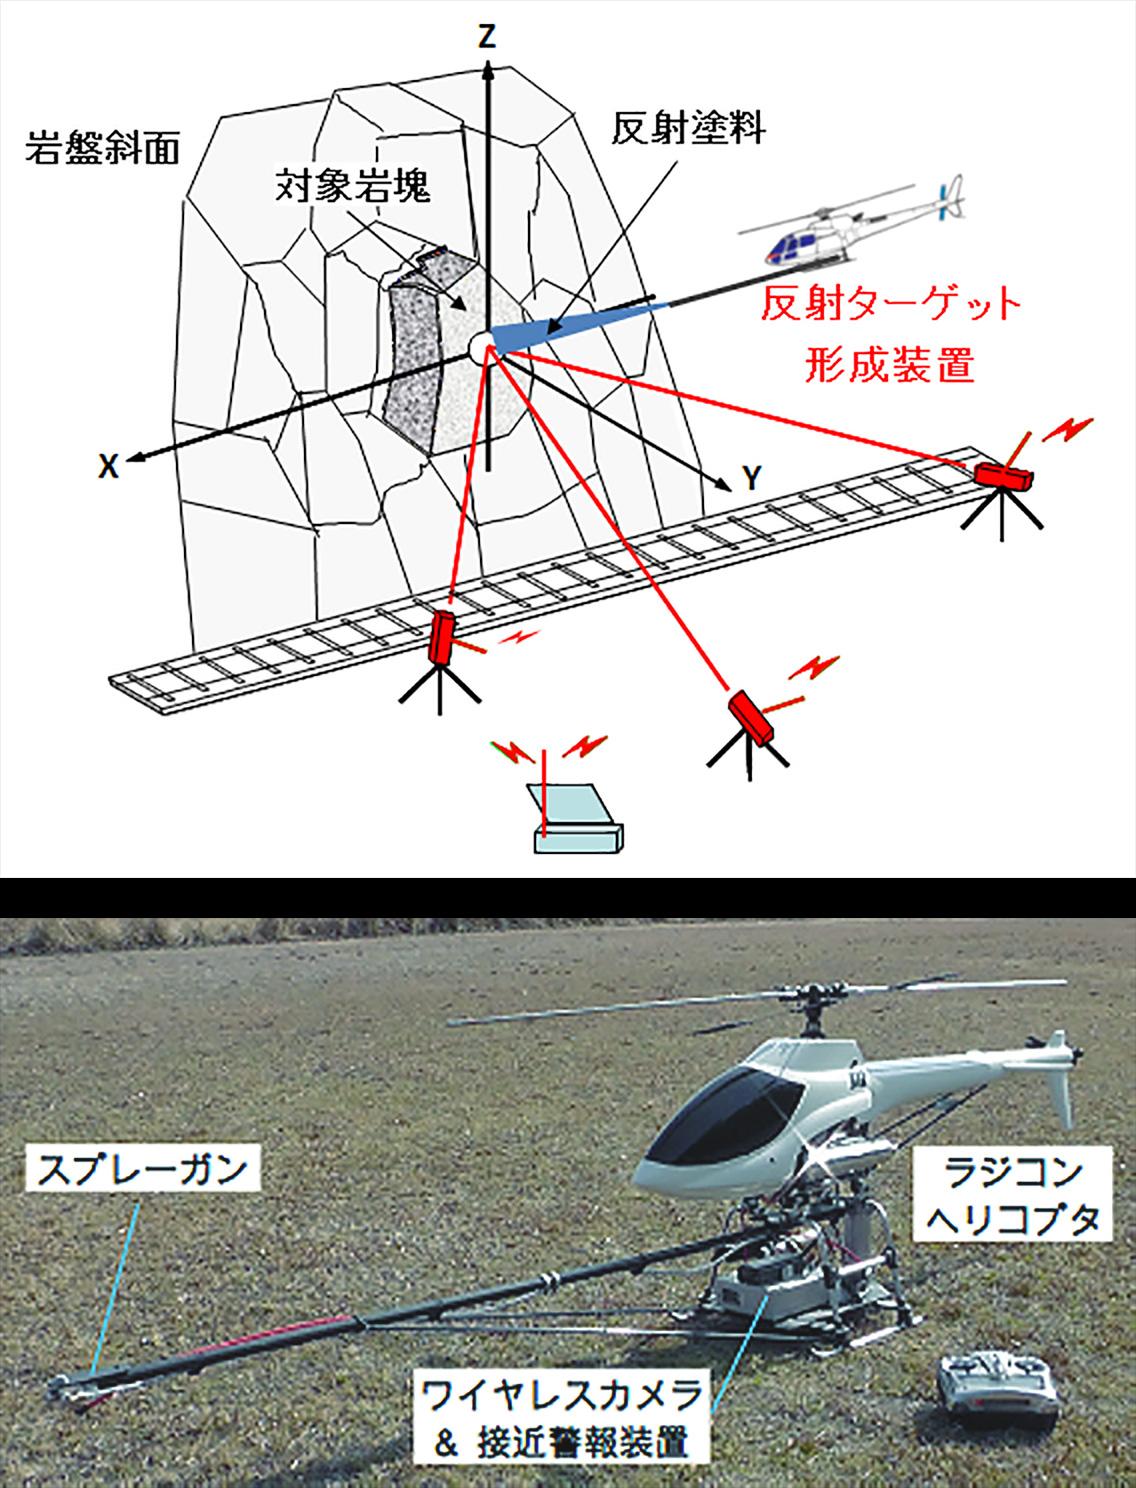 反射ターゲット形成装置 ラジコンヘリコプタ スプレーガン ワイヤレスカメラ&接近警報装置